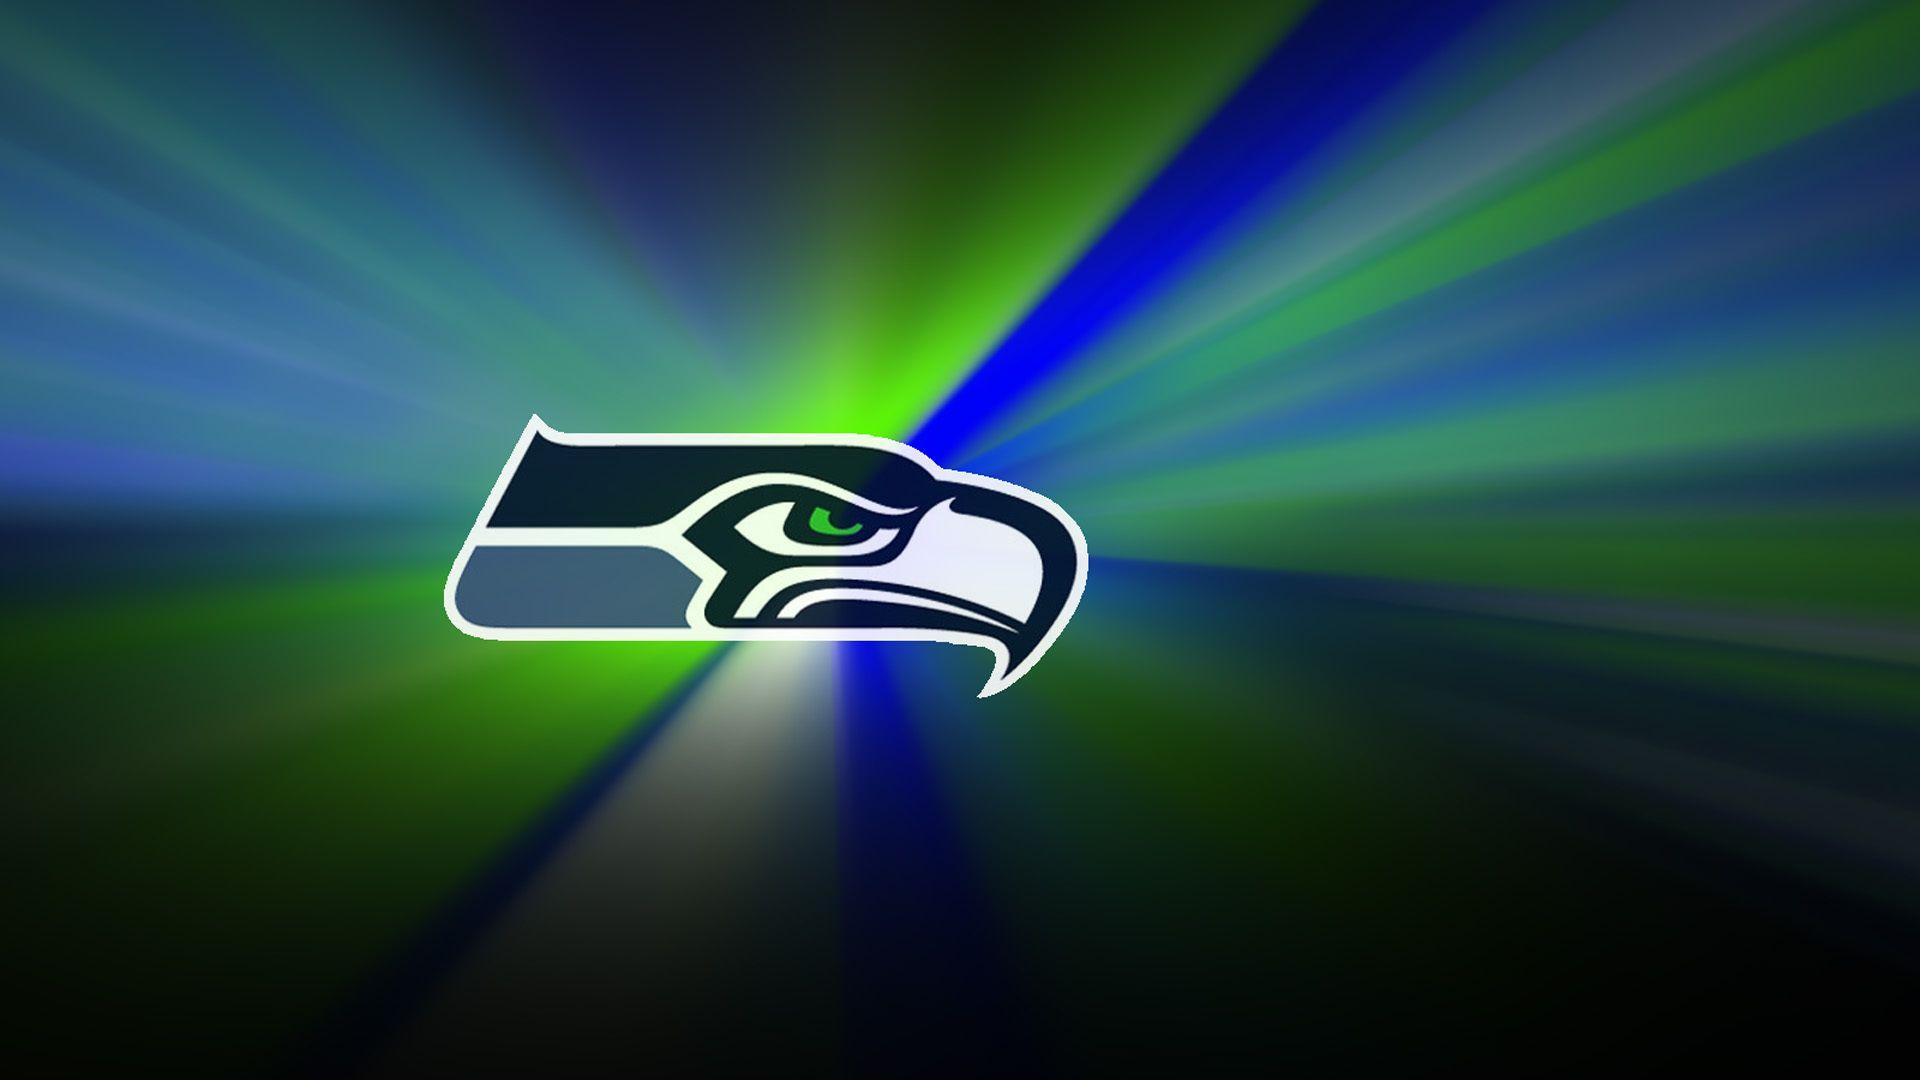 Seattle Seahawks wallpaper photo